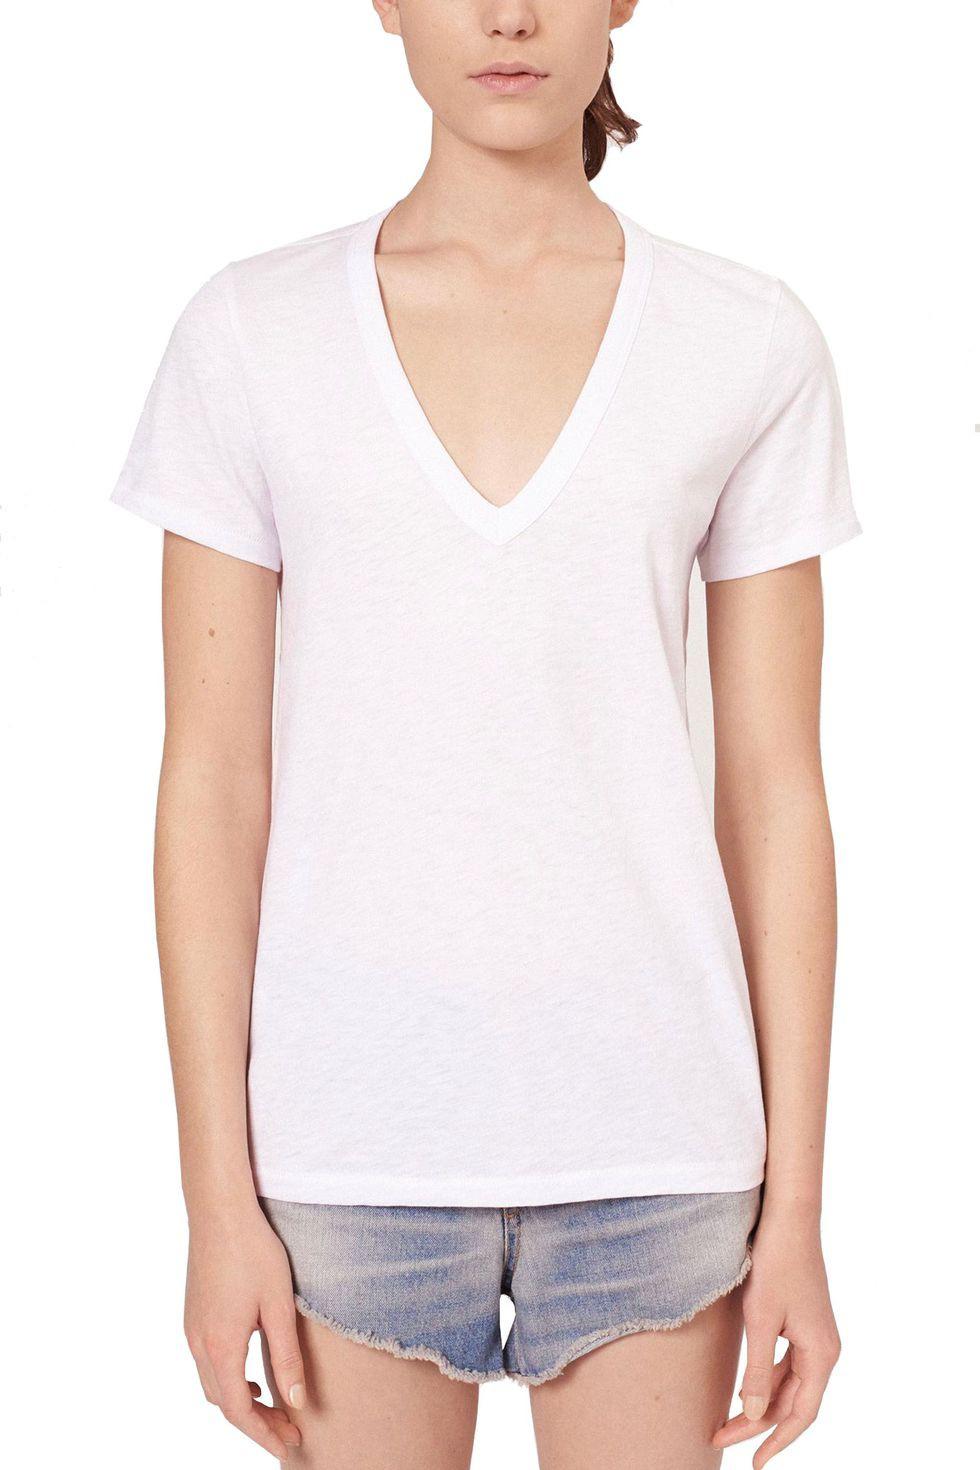 7 chiếc áo phông trắng được các BTV thời trang đánh giá là hoàn hảo, trong đó có chiếc chỉ hơn 200k - Ảnh 6.